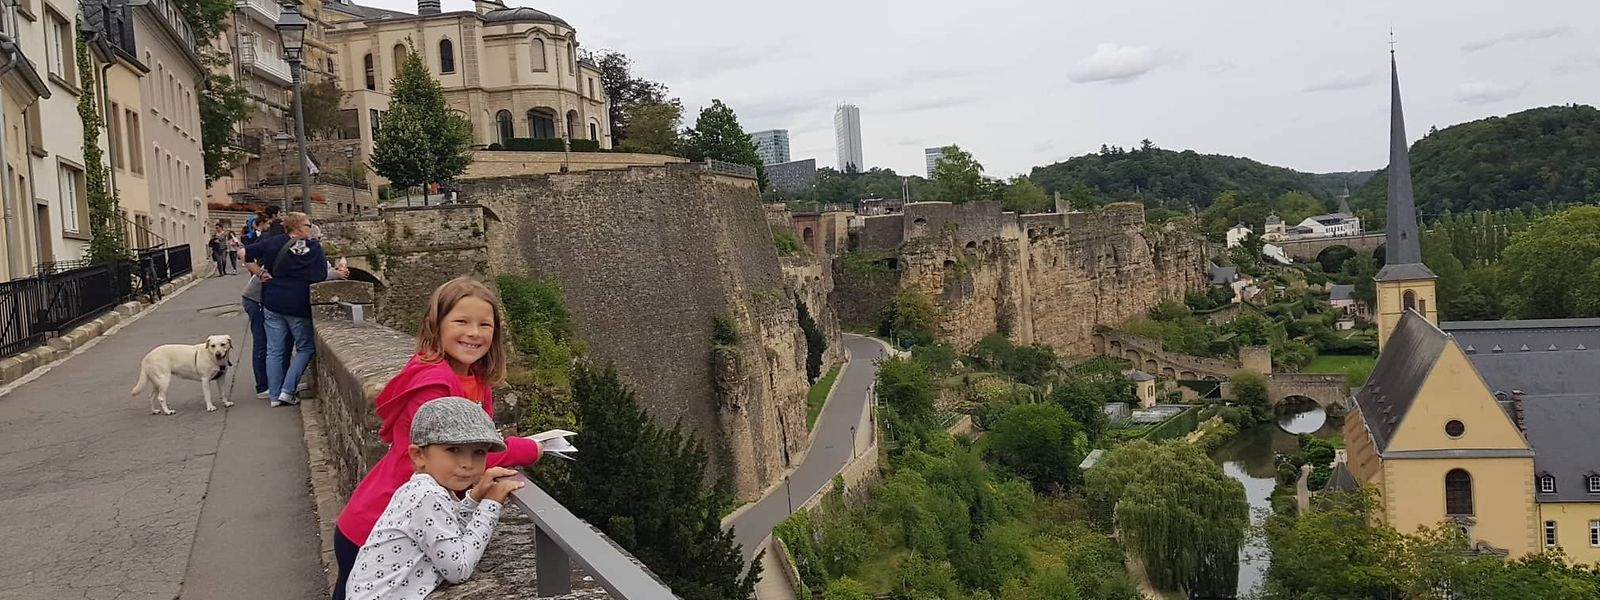 La promenade Unesco, au centre de la capitale, devient désormais accessible à tous les publics qu'ils aient une déficience mentale ou physique.